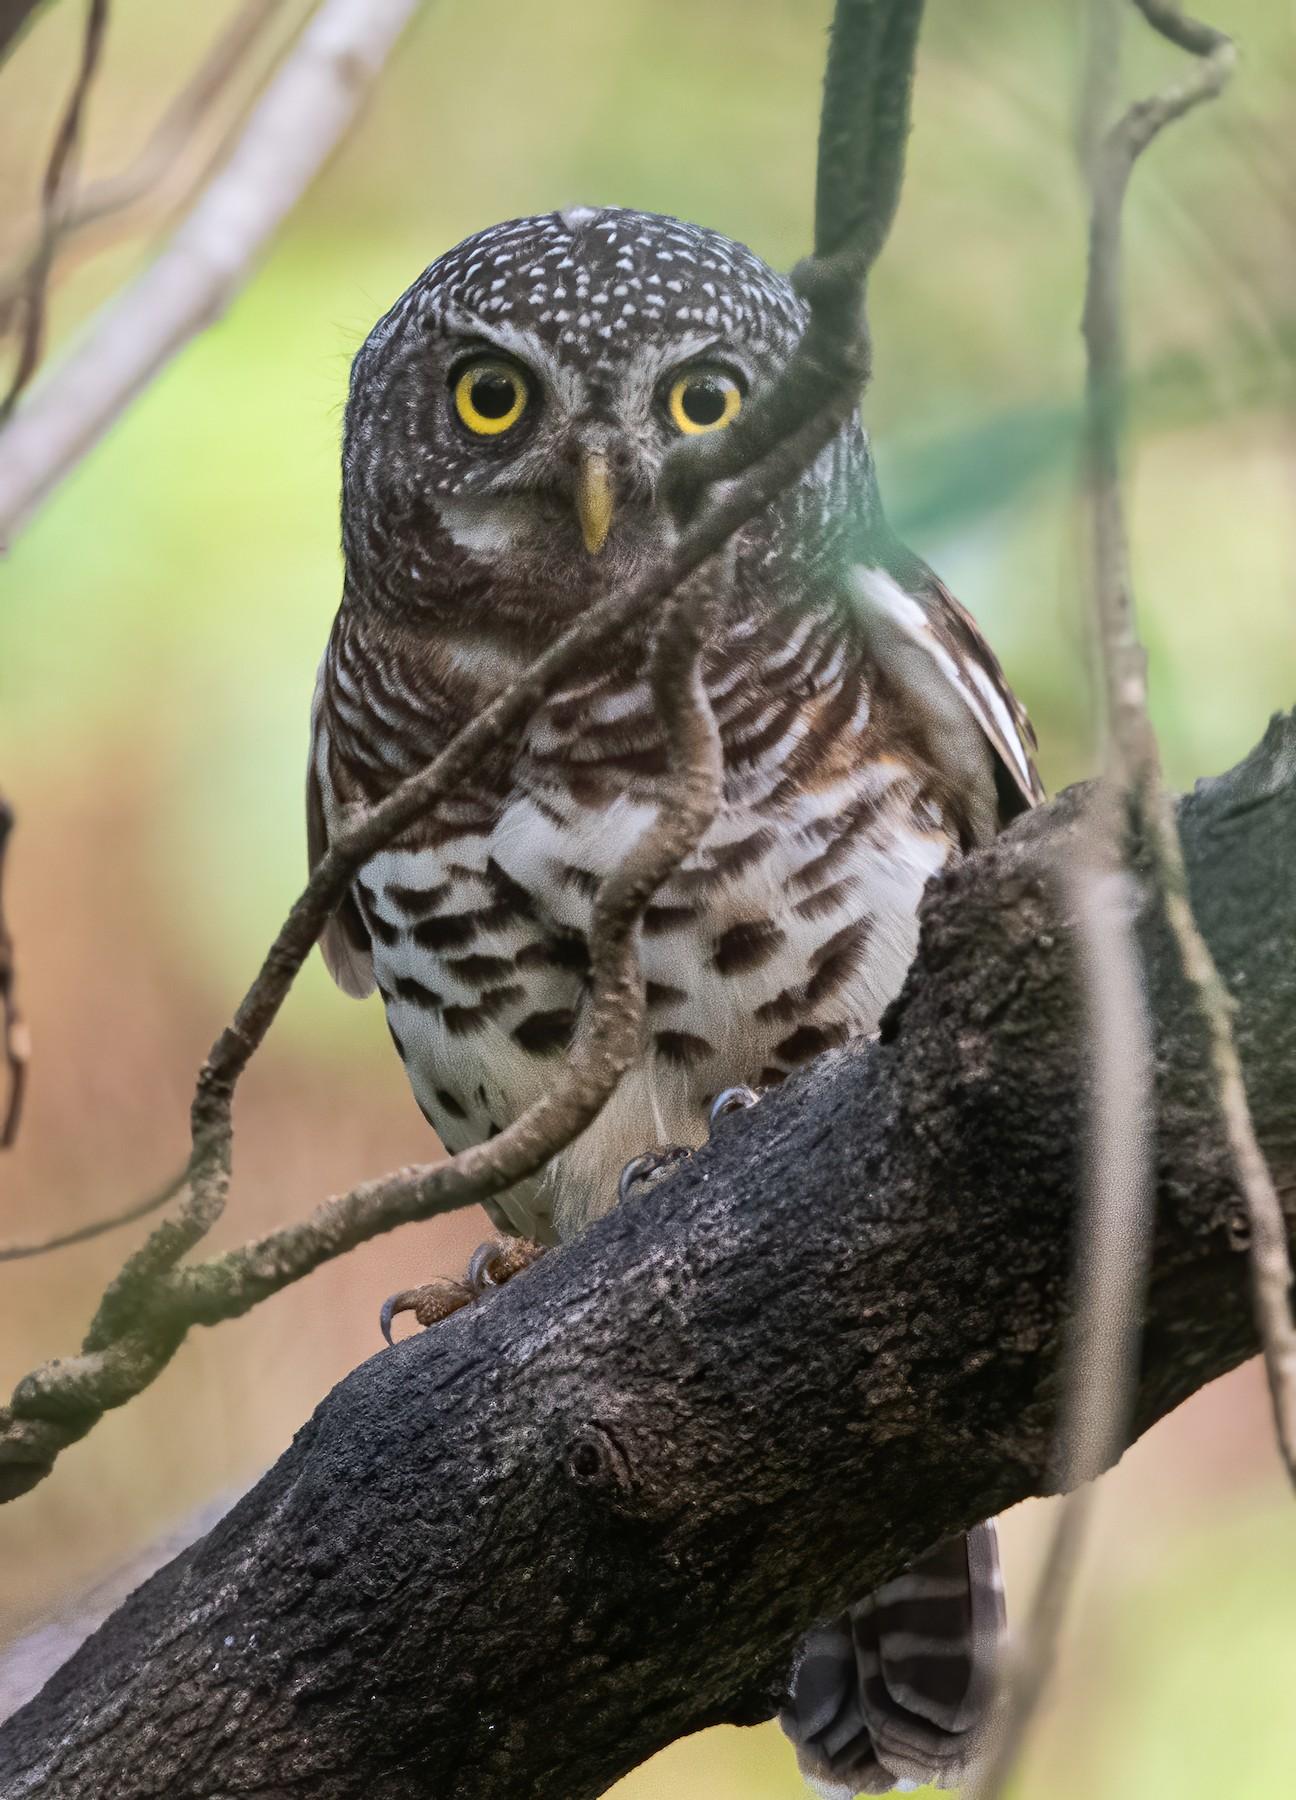 Chestnut Owlet - John Sterling